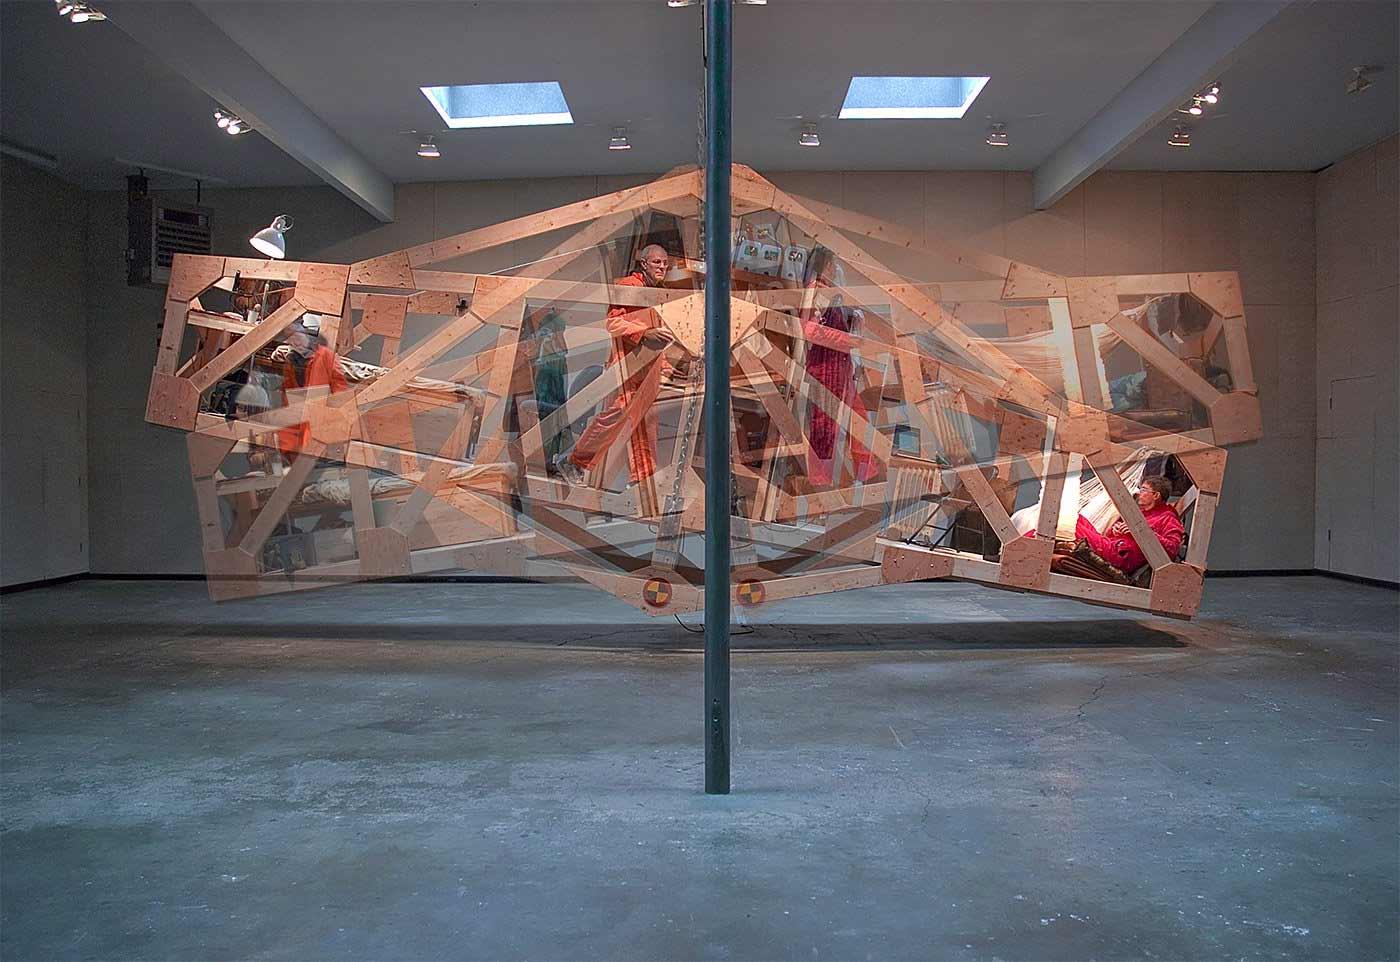 Architektur-Installationen von Alex Schweder & Ward Shelley Alex-Schweder-und-Ward-Shelley_09